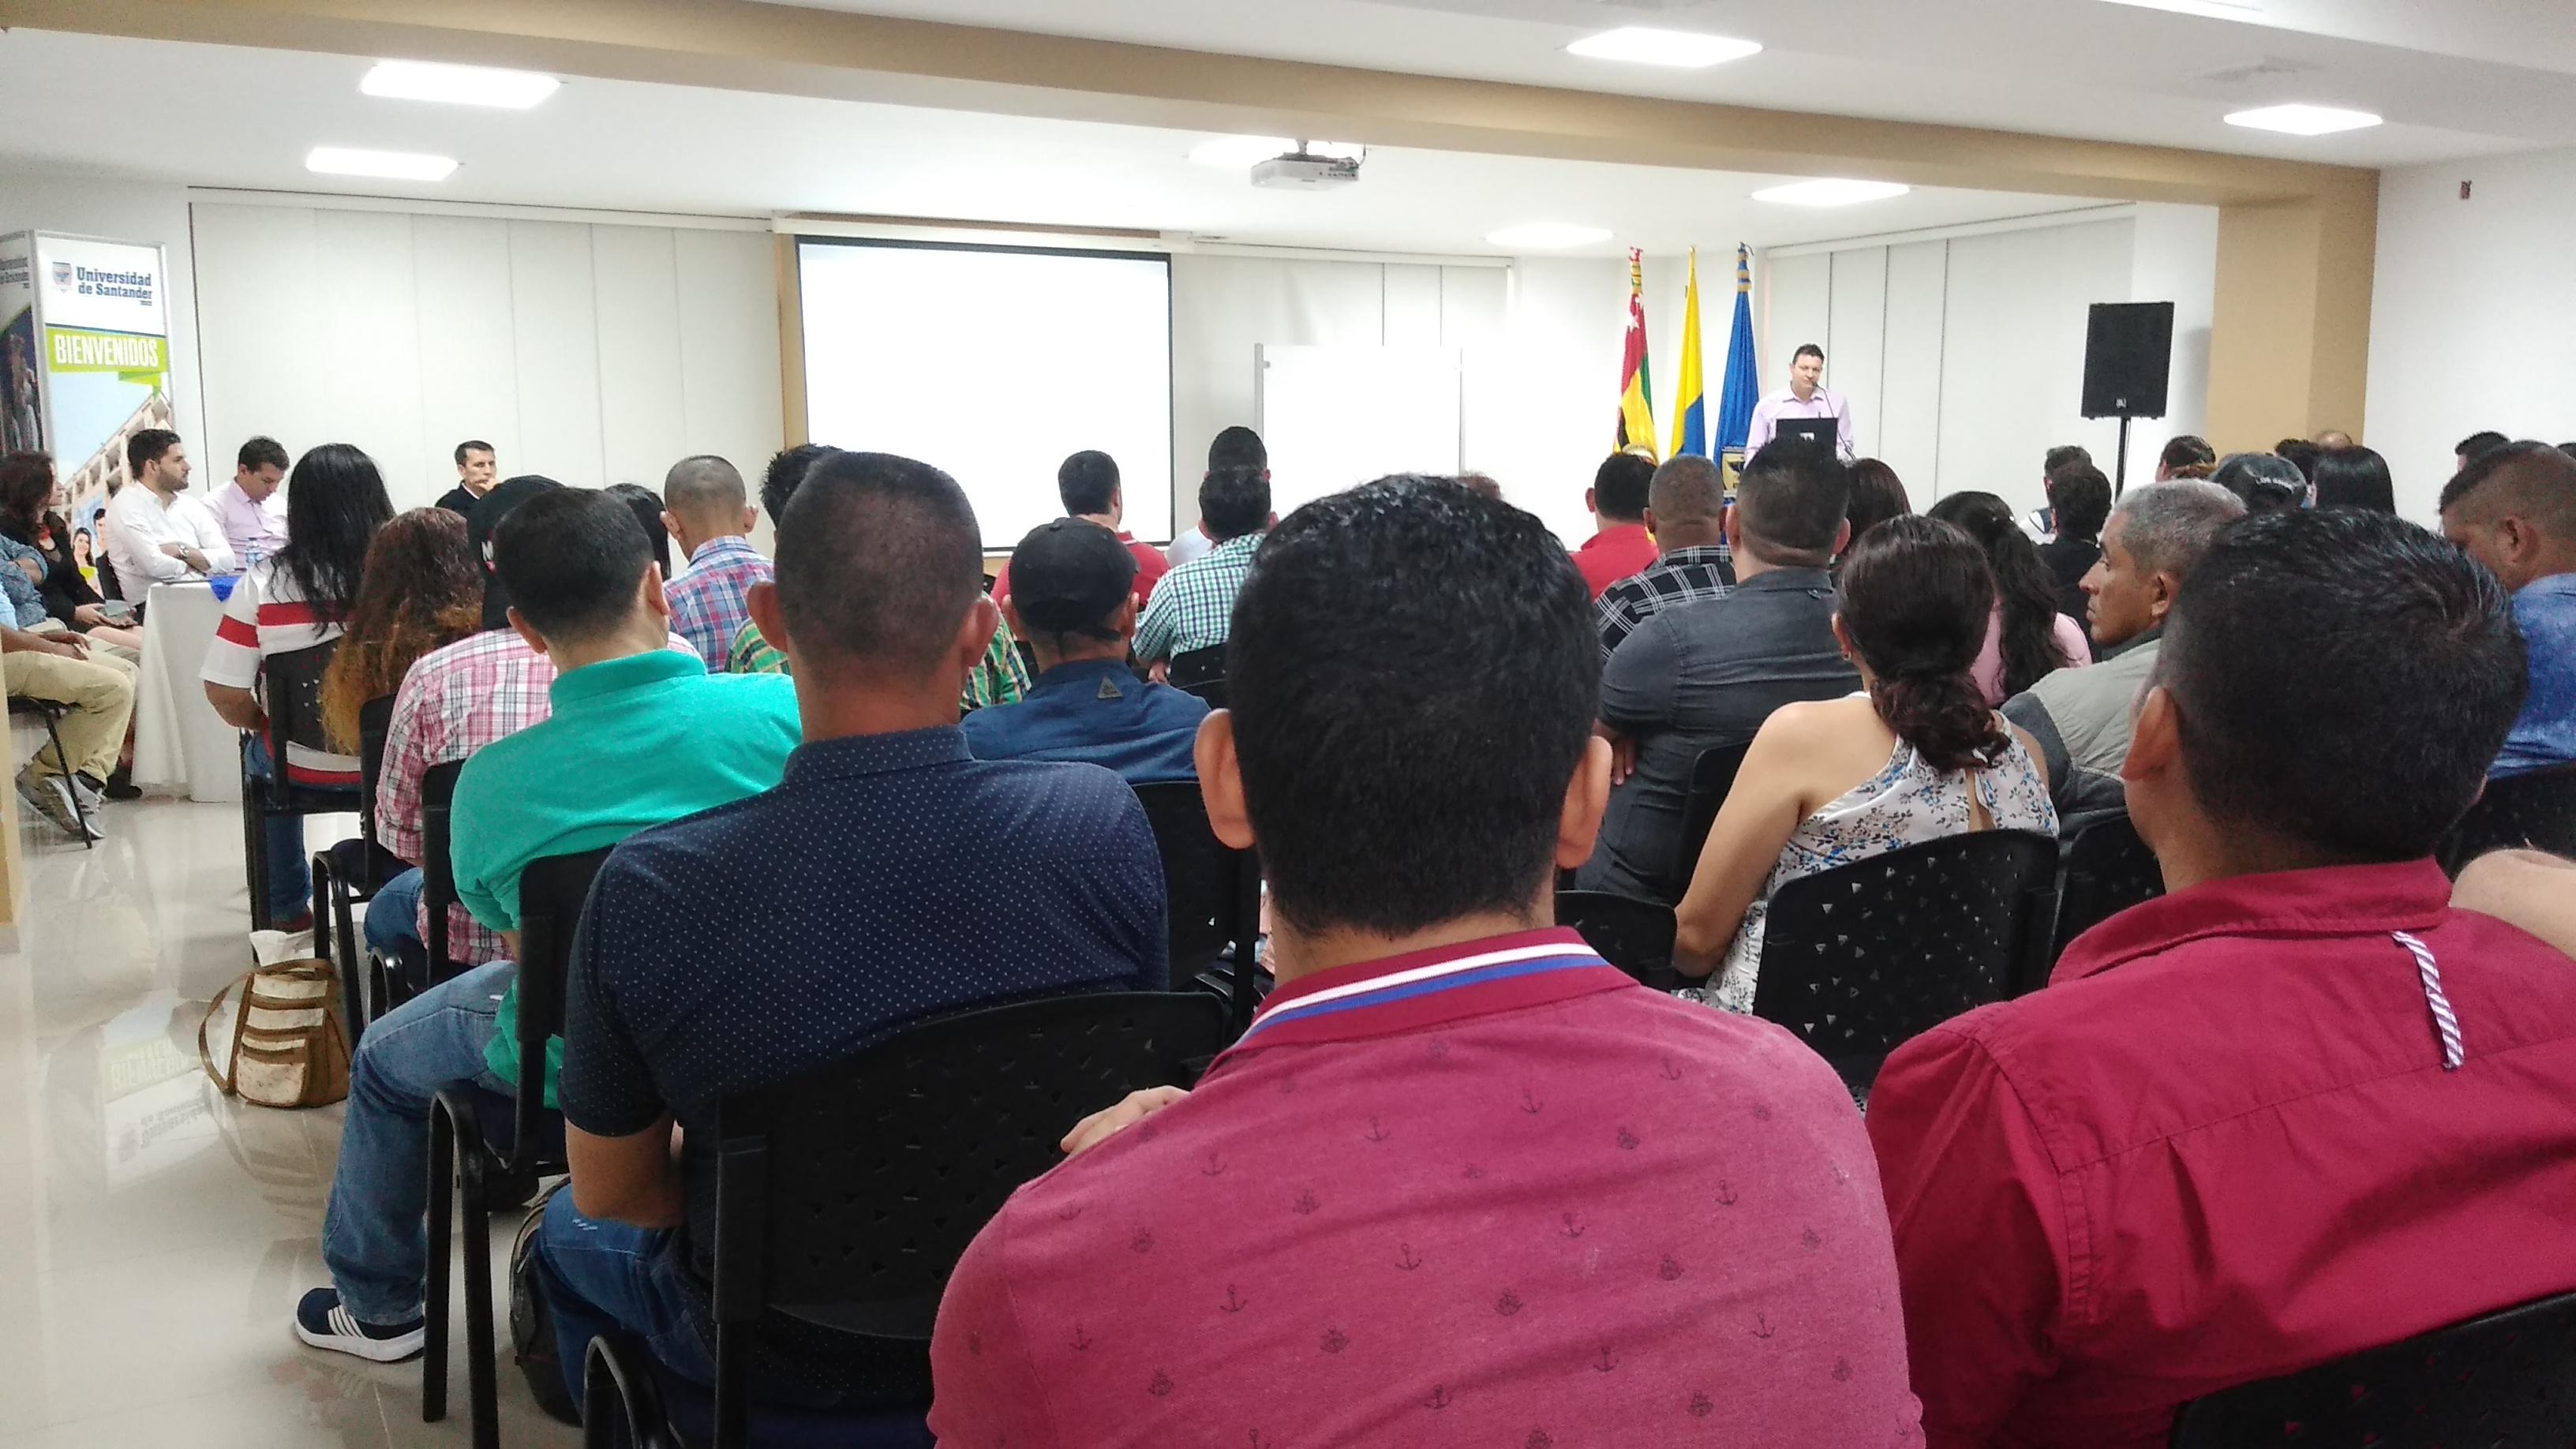 Exintegrantes de Farc-Ep y Auc, unidos por la educación. Celebración de final de curso en Santander   EL FRENTE